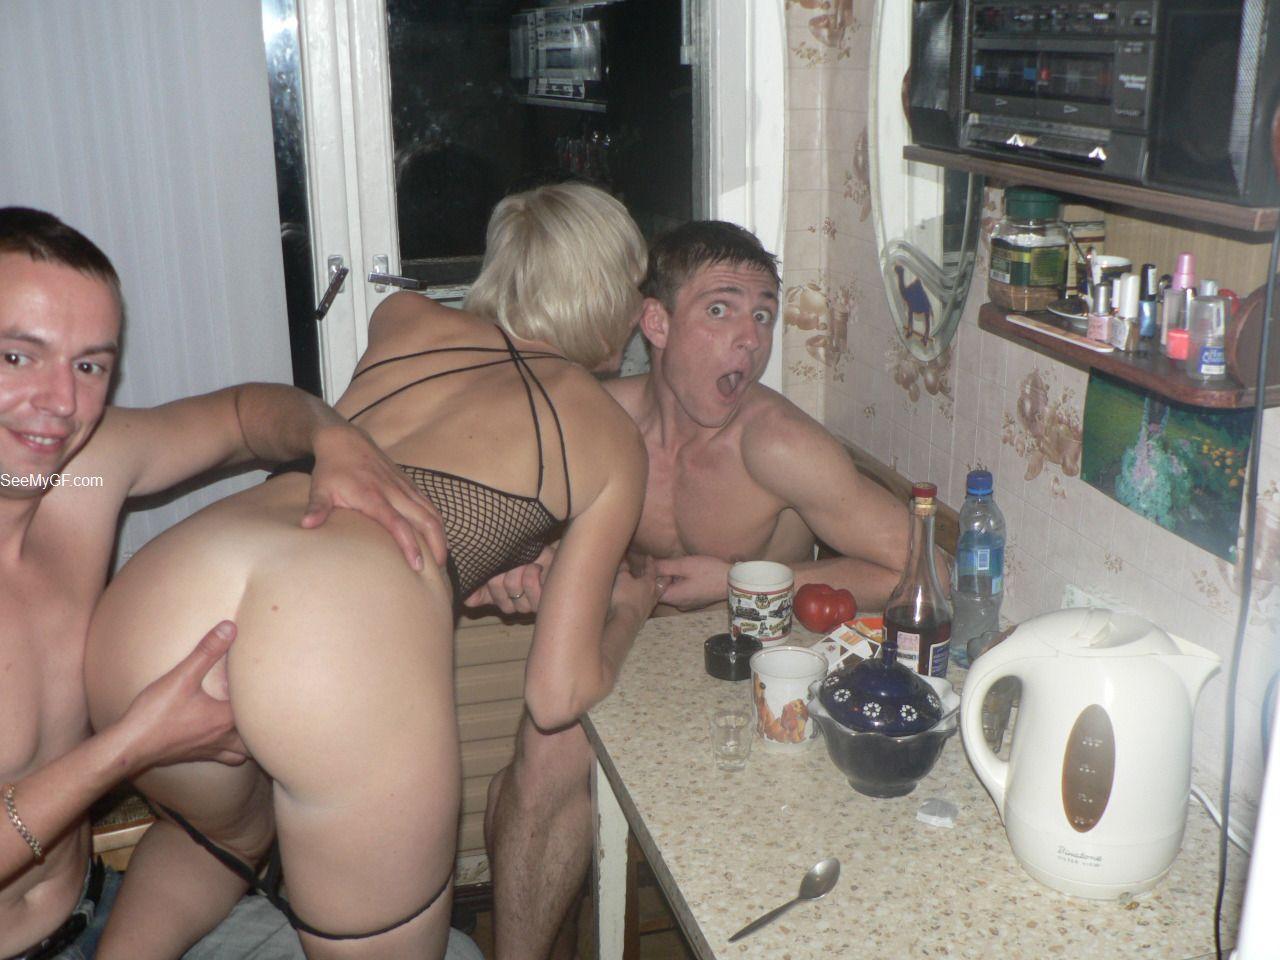 Amateur College Party Sex